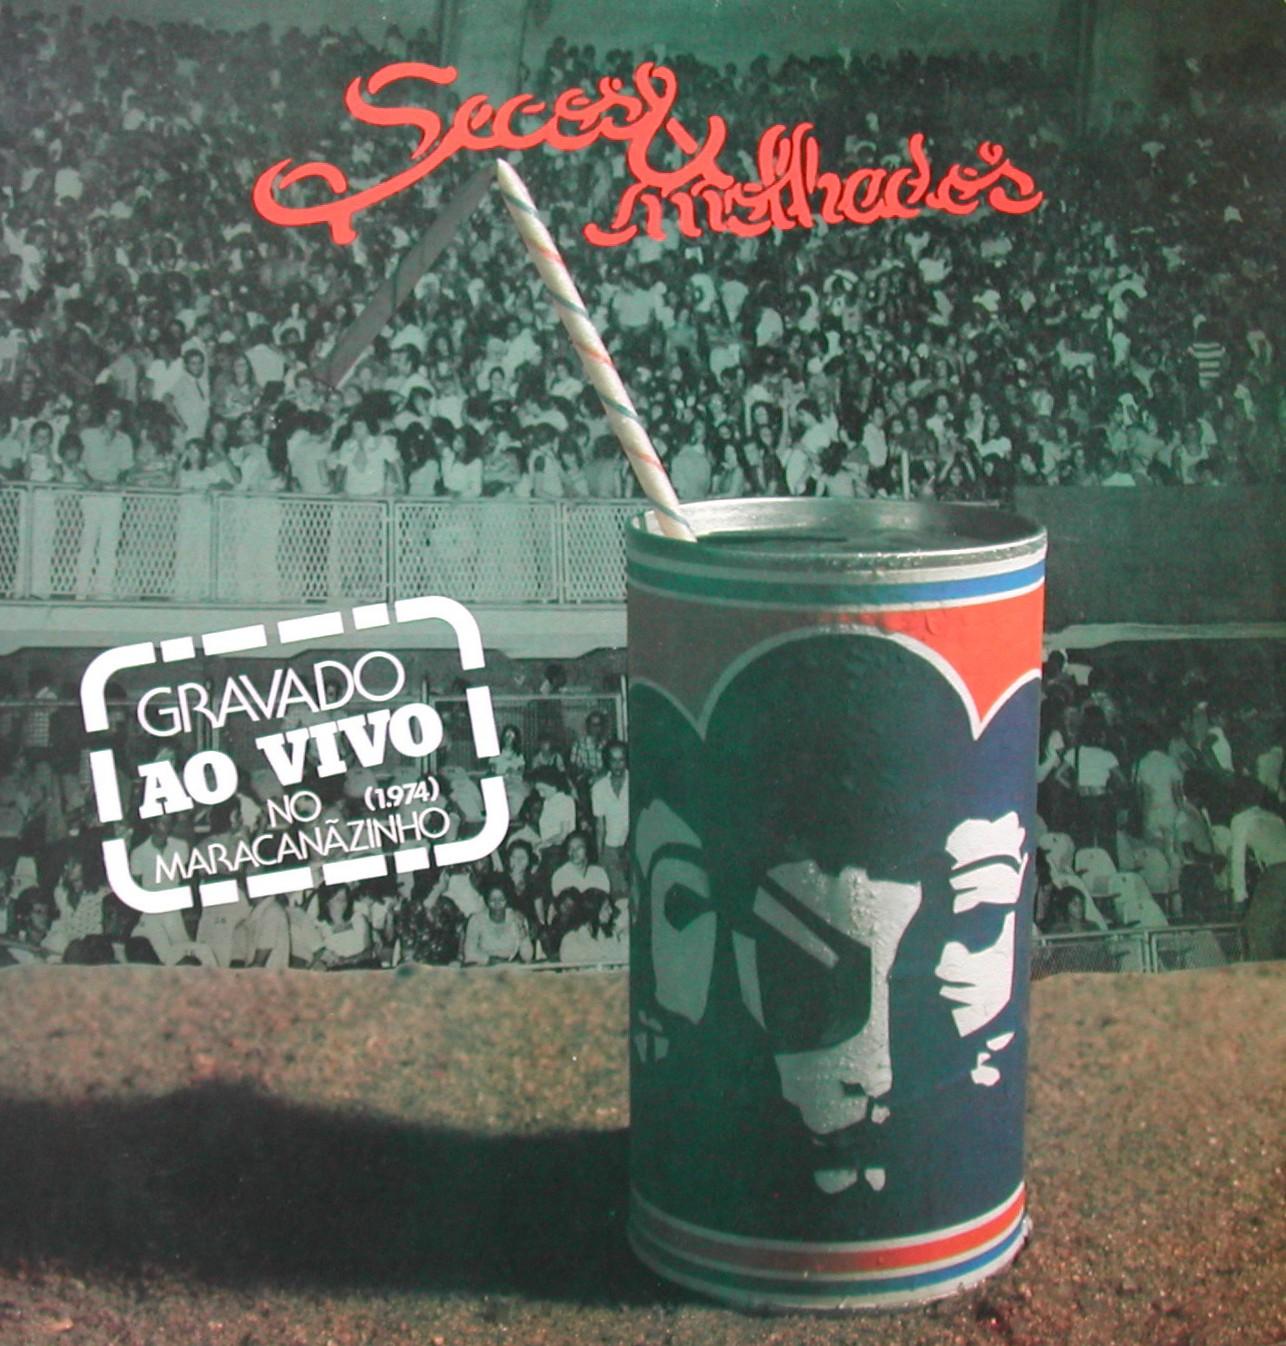 Capa do disco do show gravado no Maracanãzinho